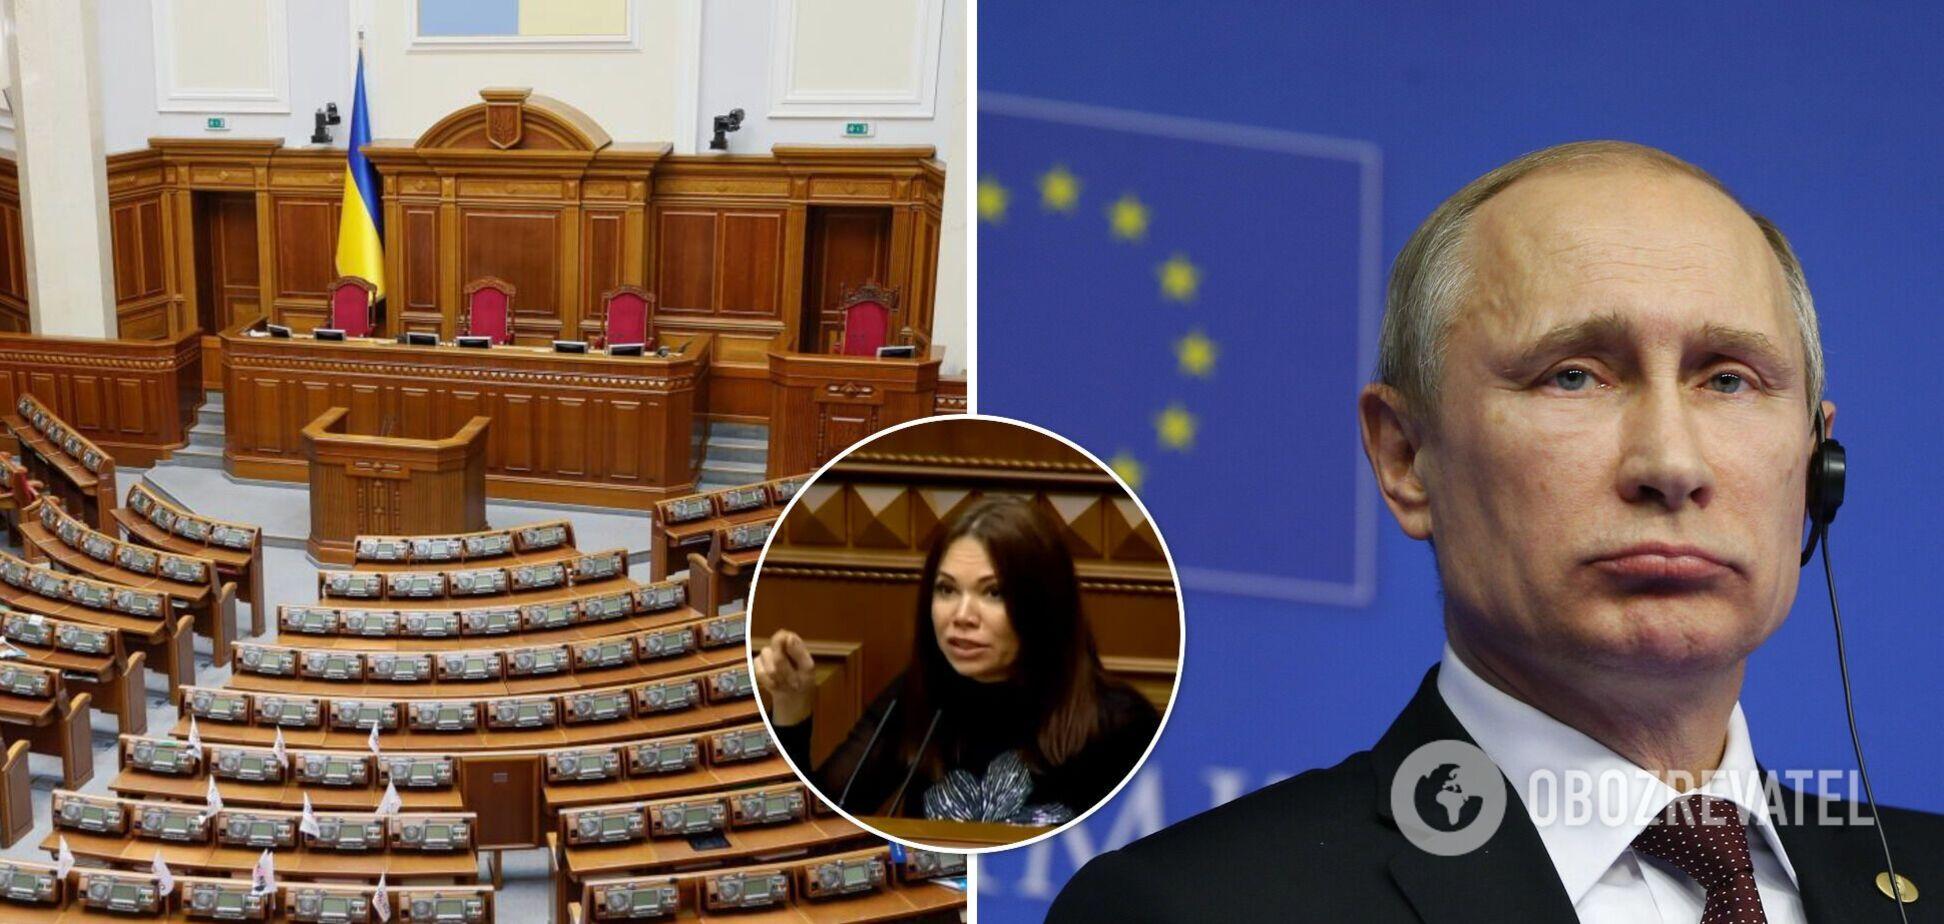 Вікторія Сюмар повторила популярне нецензурне висловлювання про главу РФ